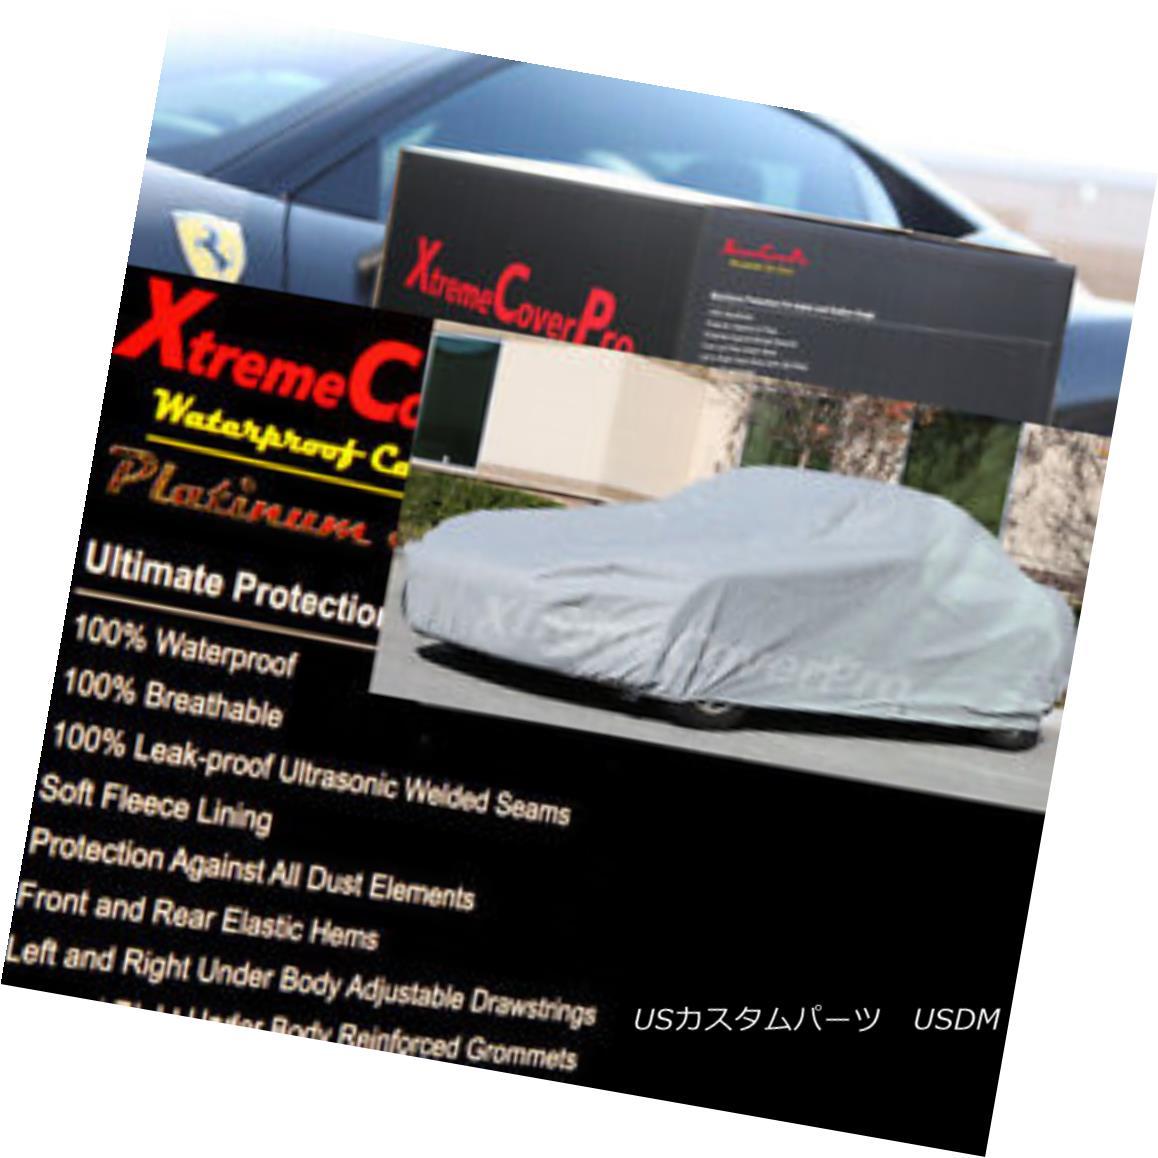 カーカバー 2015 JEEP WRANGLER Waterproof Car Cover - Gray 2015 JEEP WRANGLER防水カーカバー - グレー